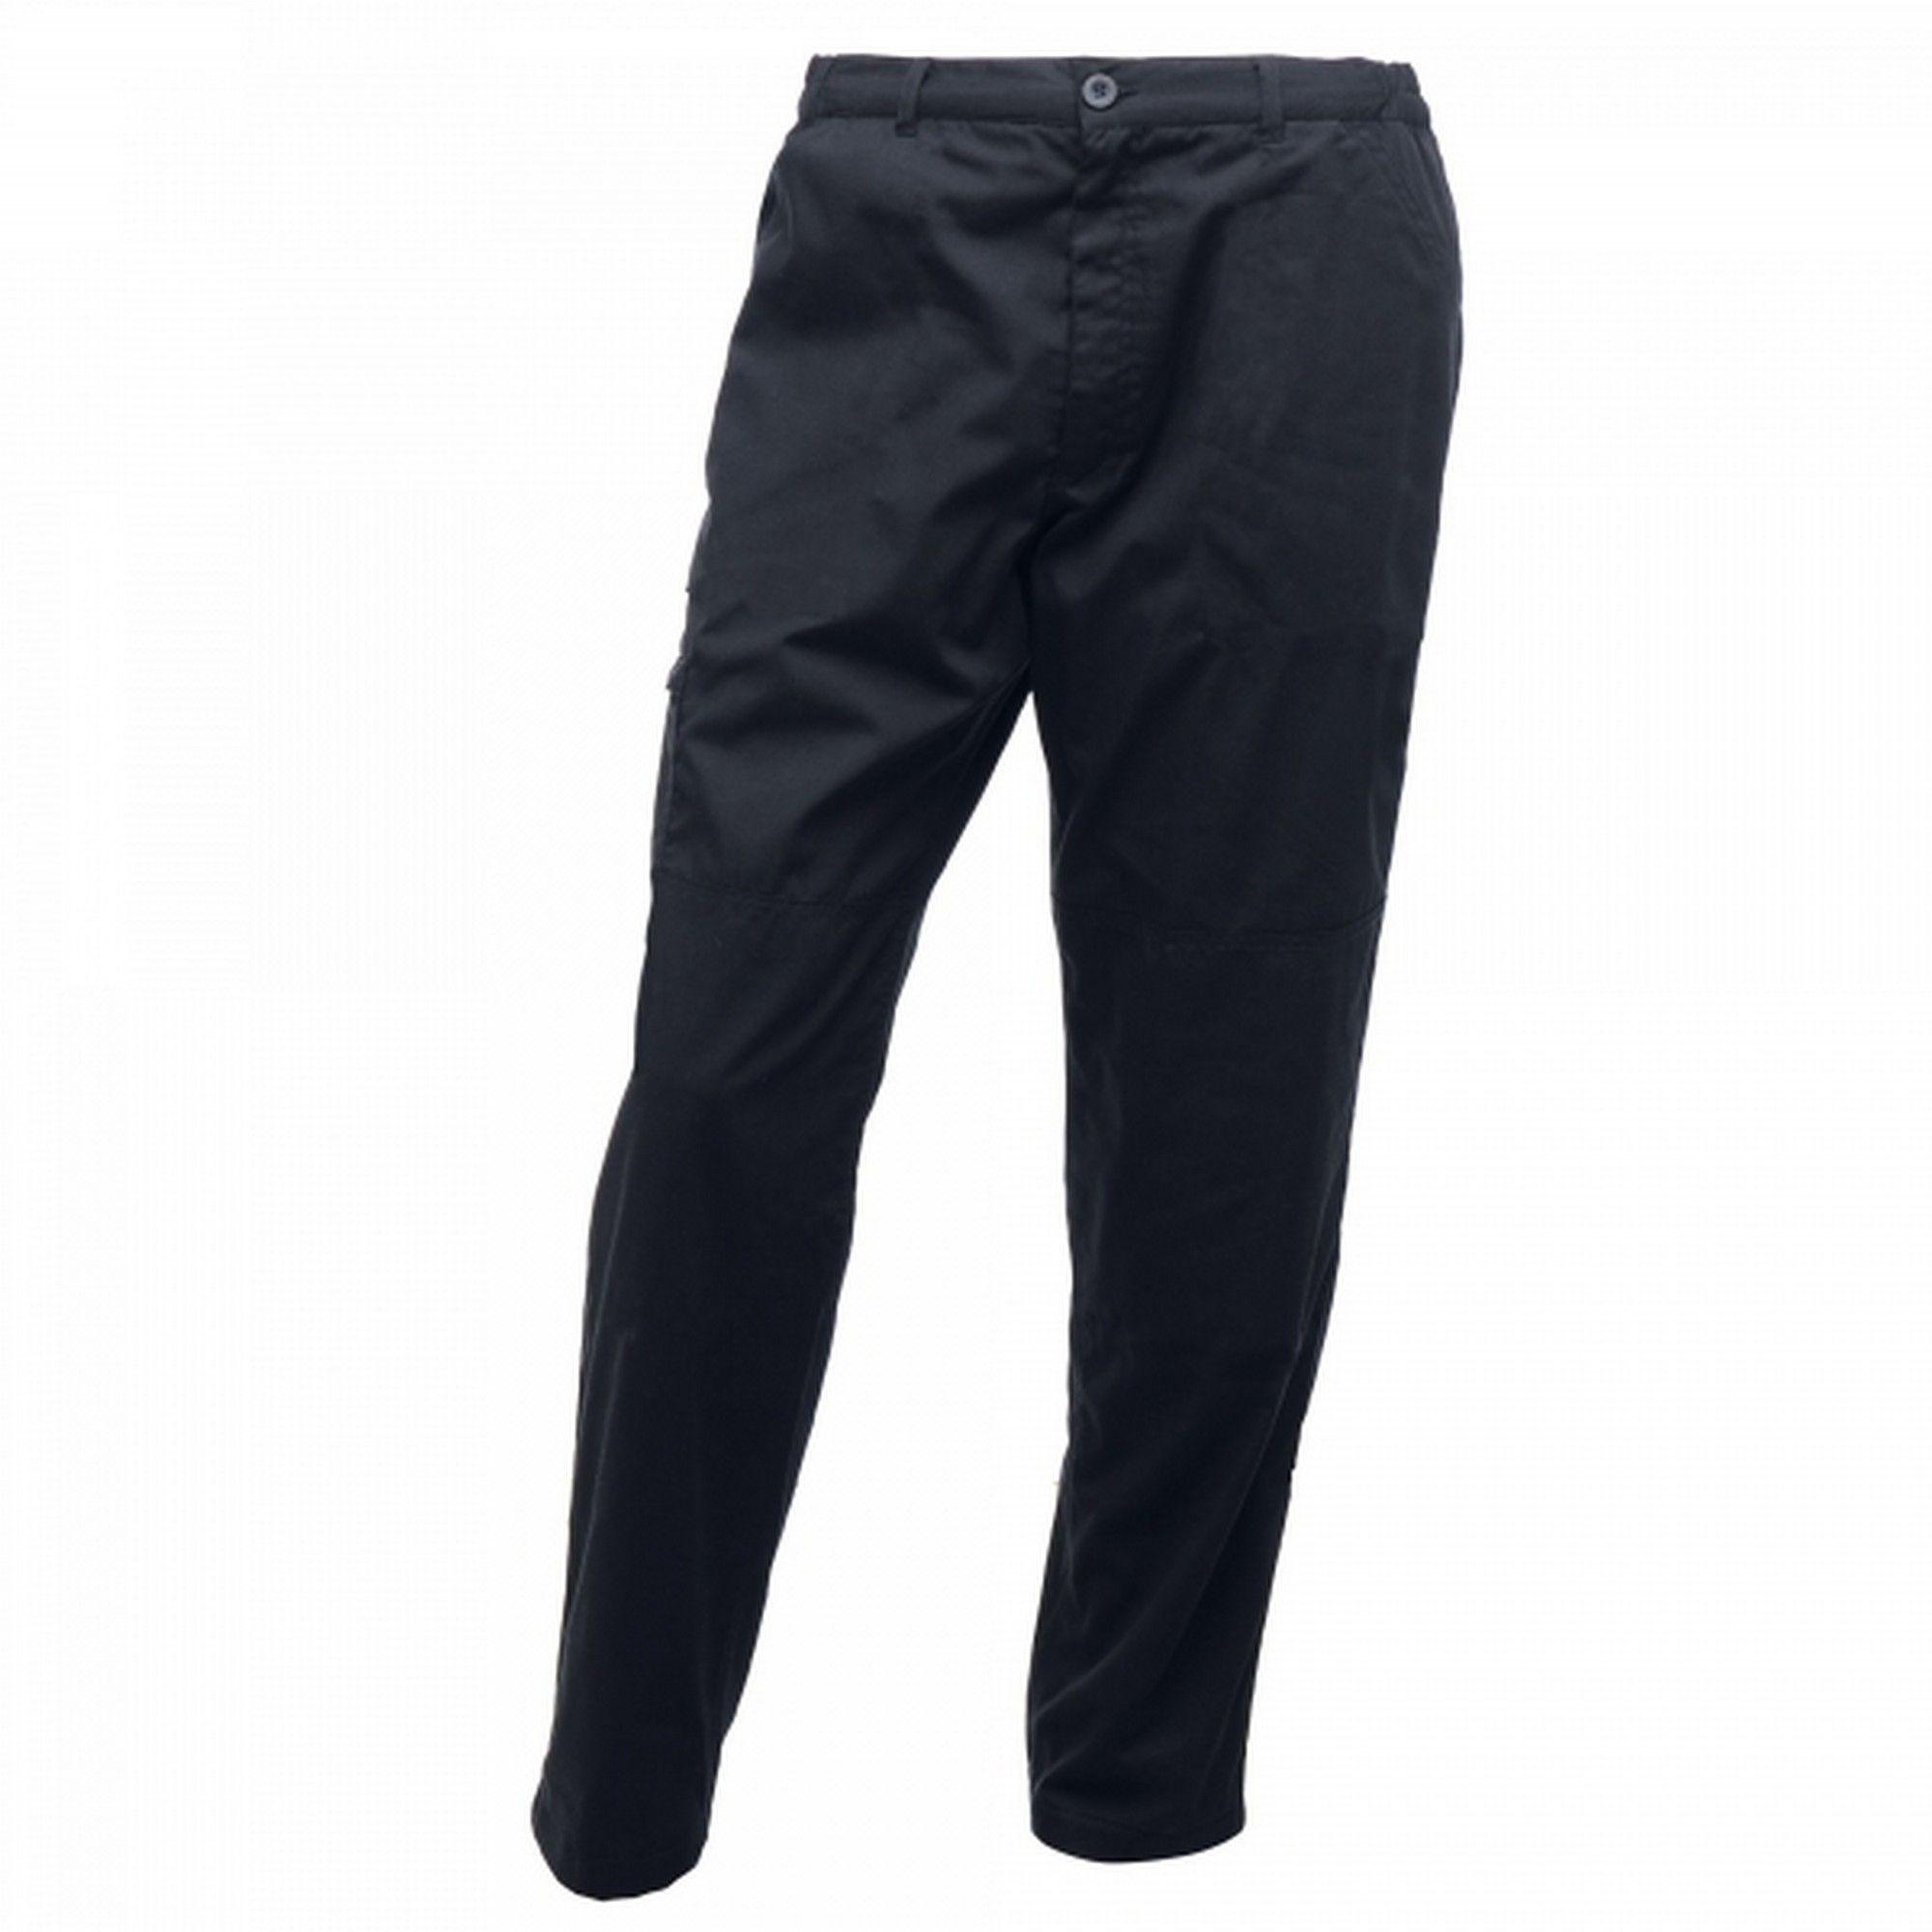 Regatta Mens Pro Cargo Waterproof Trousers - Long